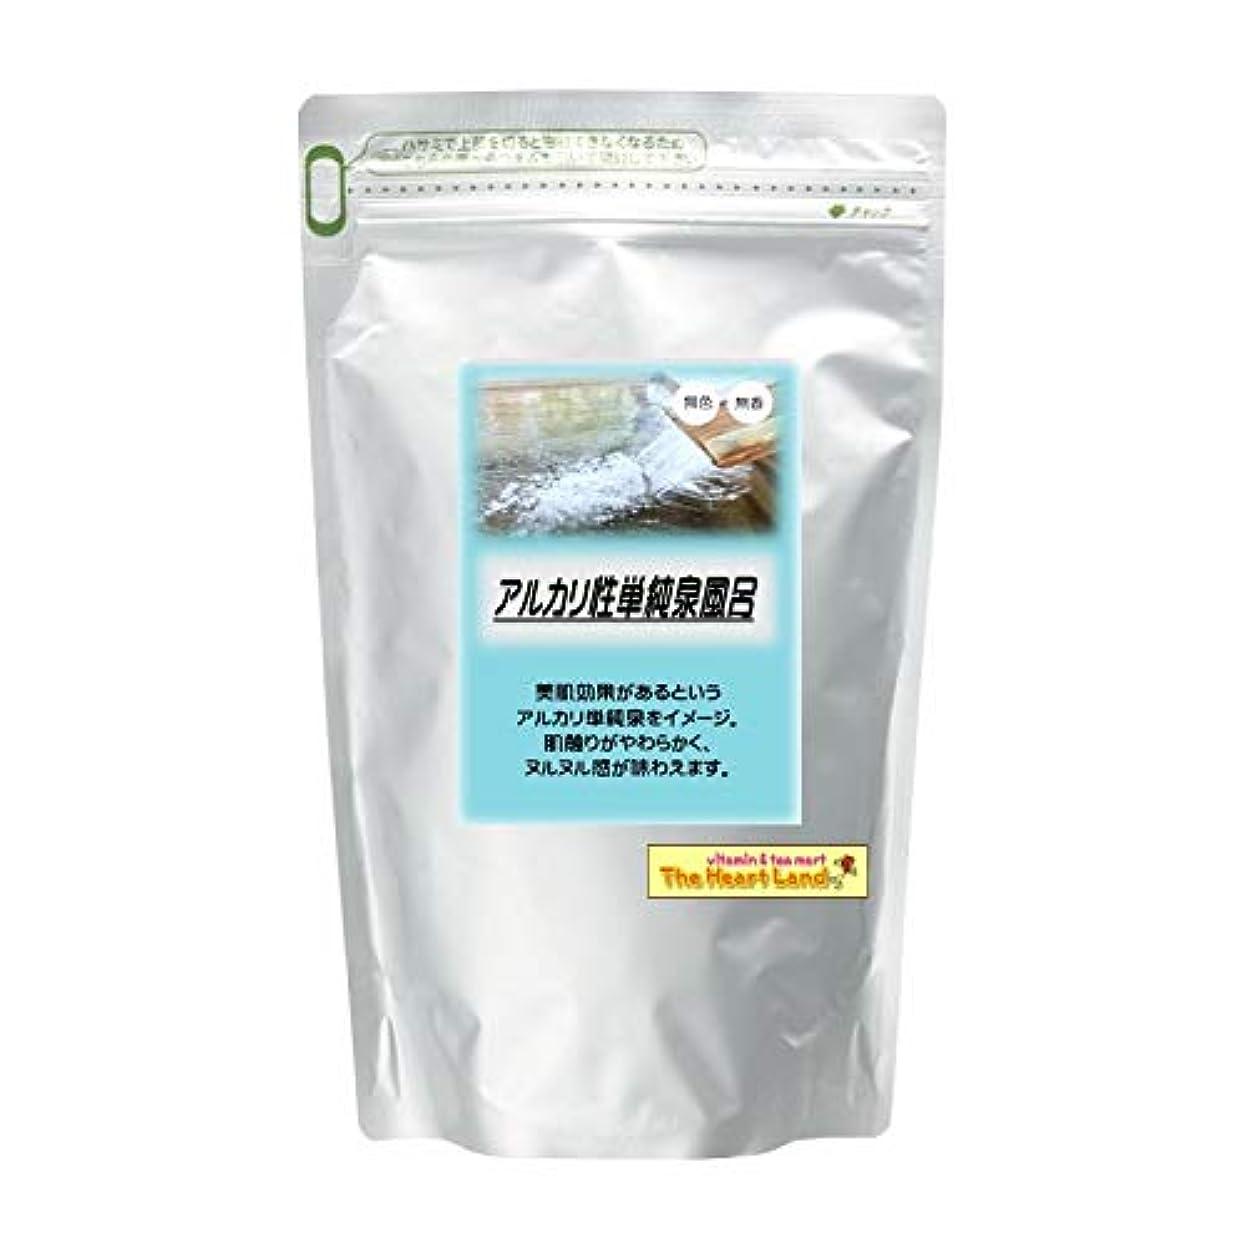 ハンマー発言するテザーアサヒ入浴剤 浴用入浴化粧品 アルカリ性単純泉風呂 300g